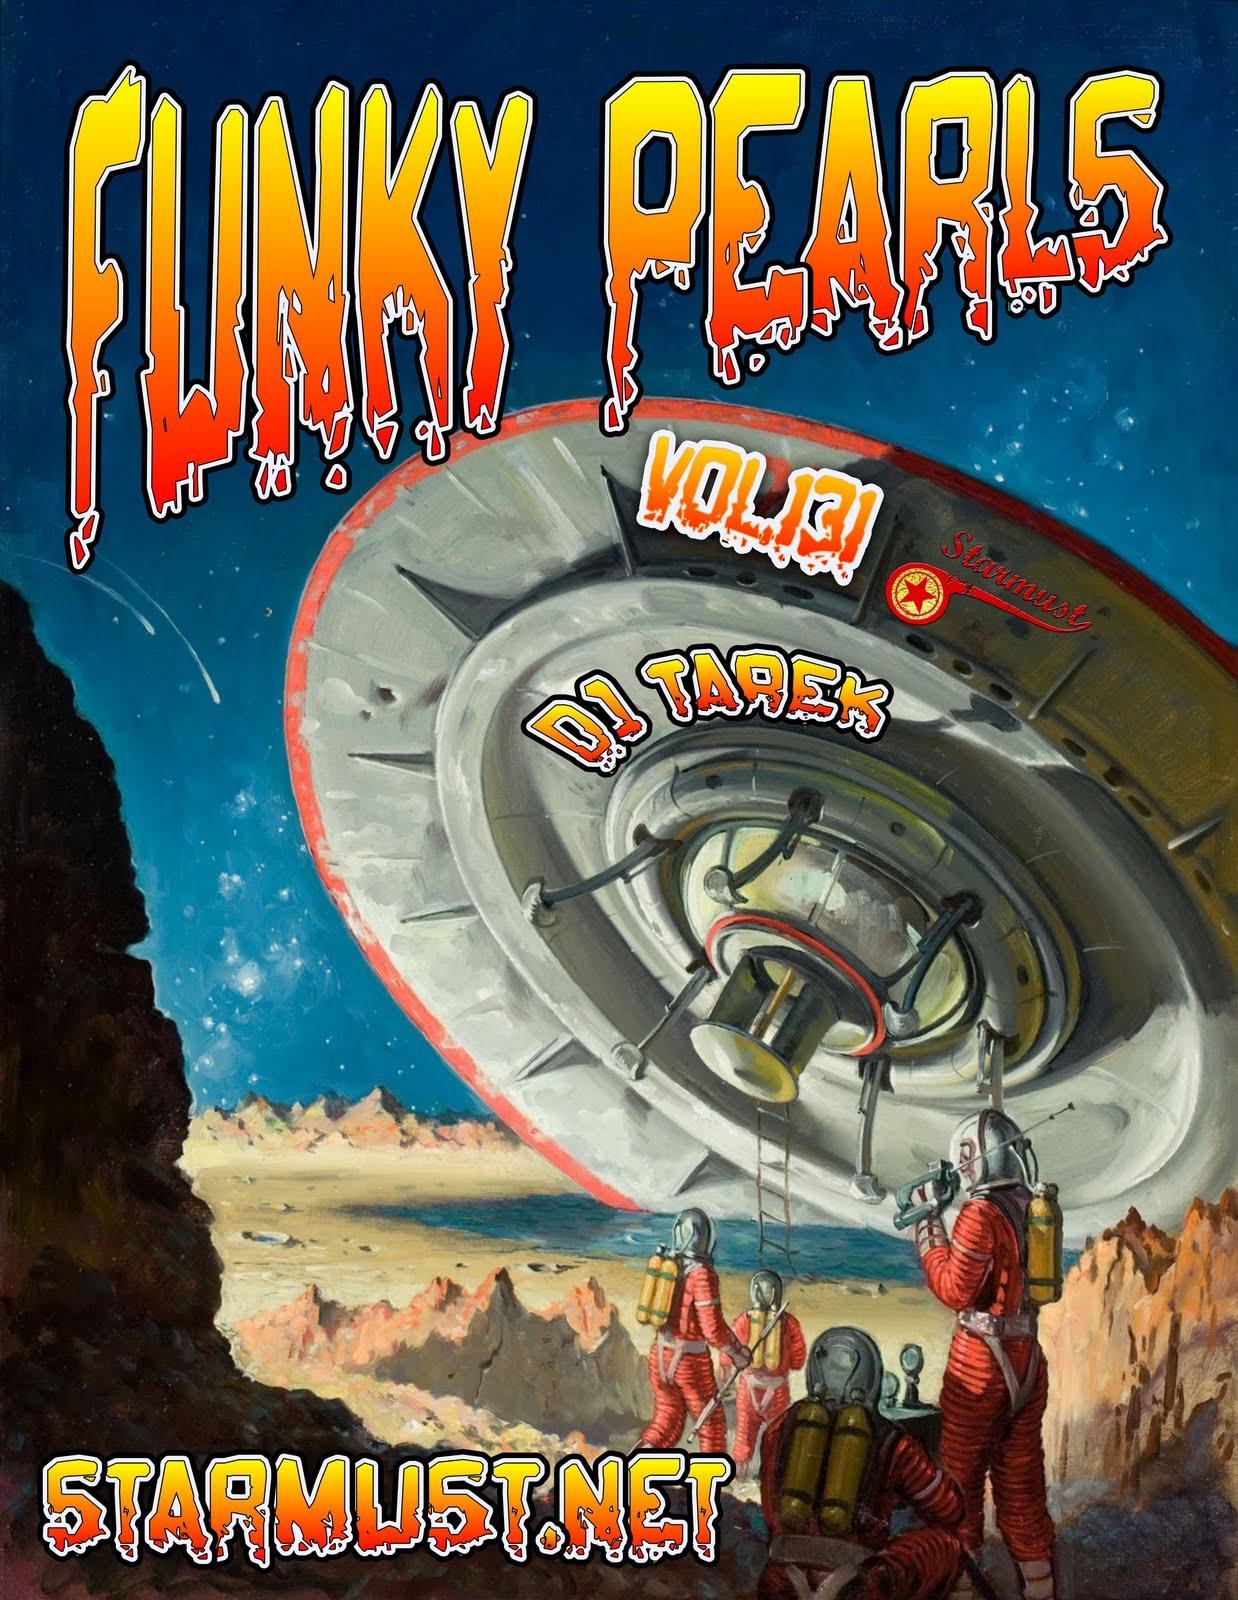 FUNKY PEARLS VOL 131 BY DJ TAREK FROM PARIS FUNKY_PEARLS_VOL_131_BY_DJ_TAREK_FROM_PARIS%2B%25282%2529